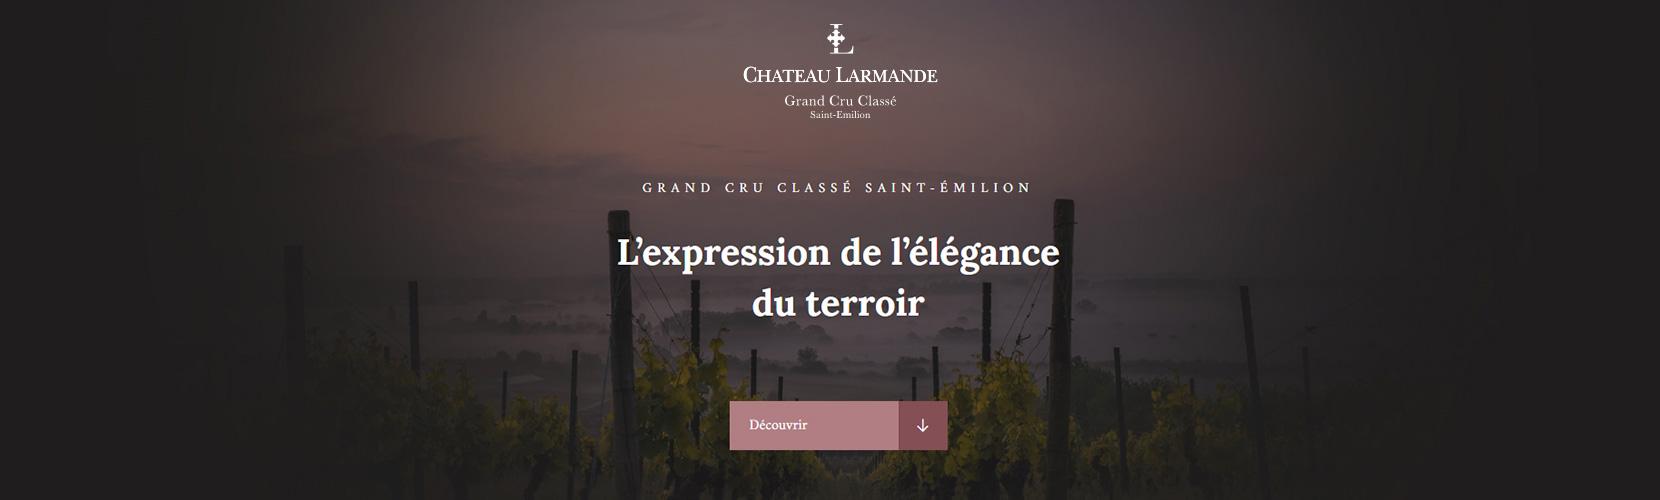 Bannière Château Larmande